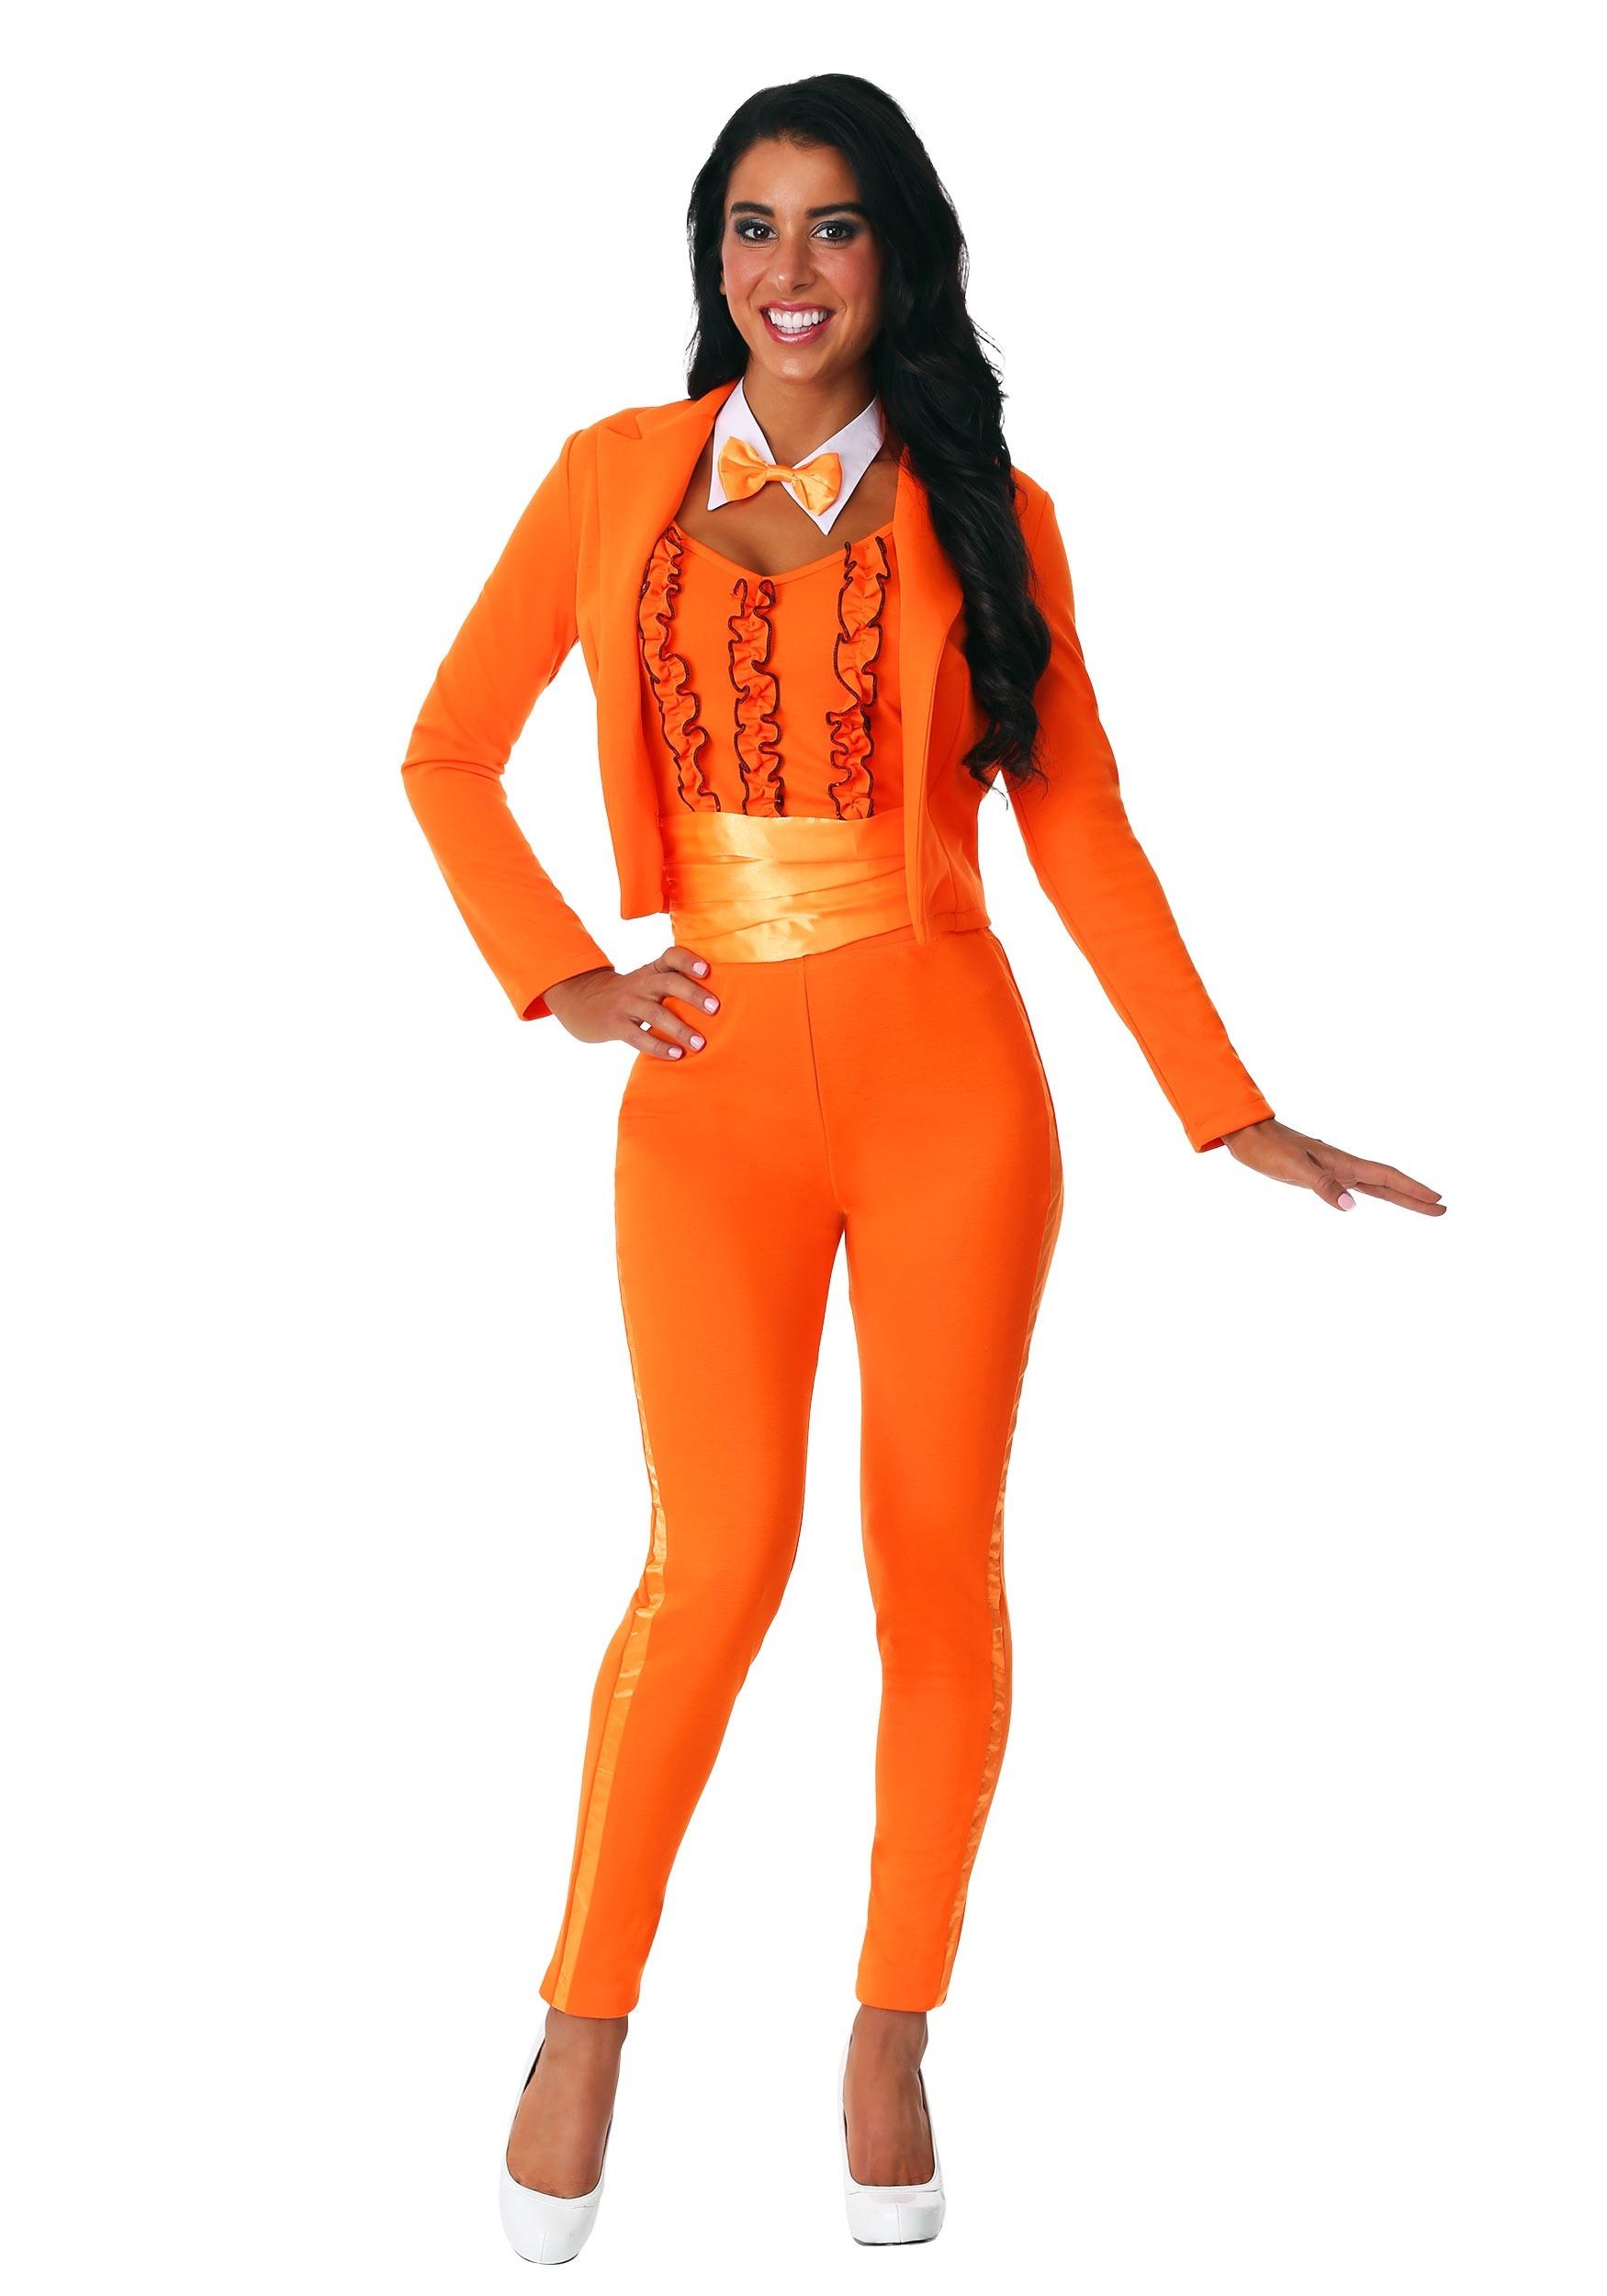 Women's Orange Tuxedo Costume